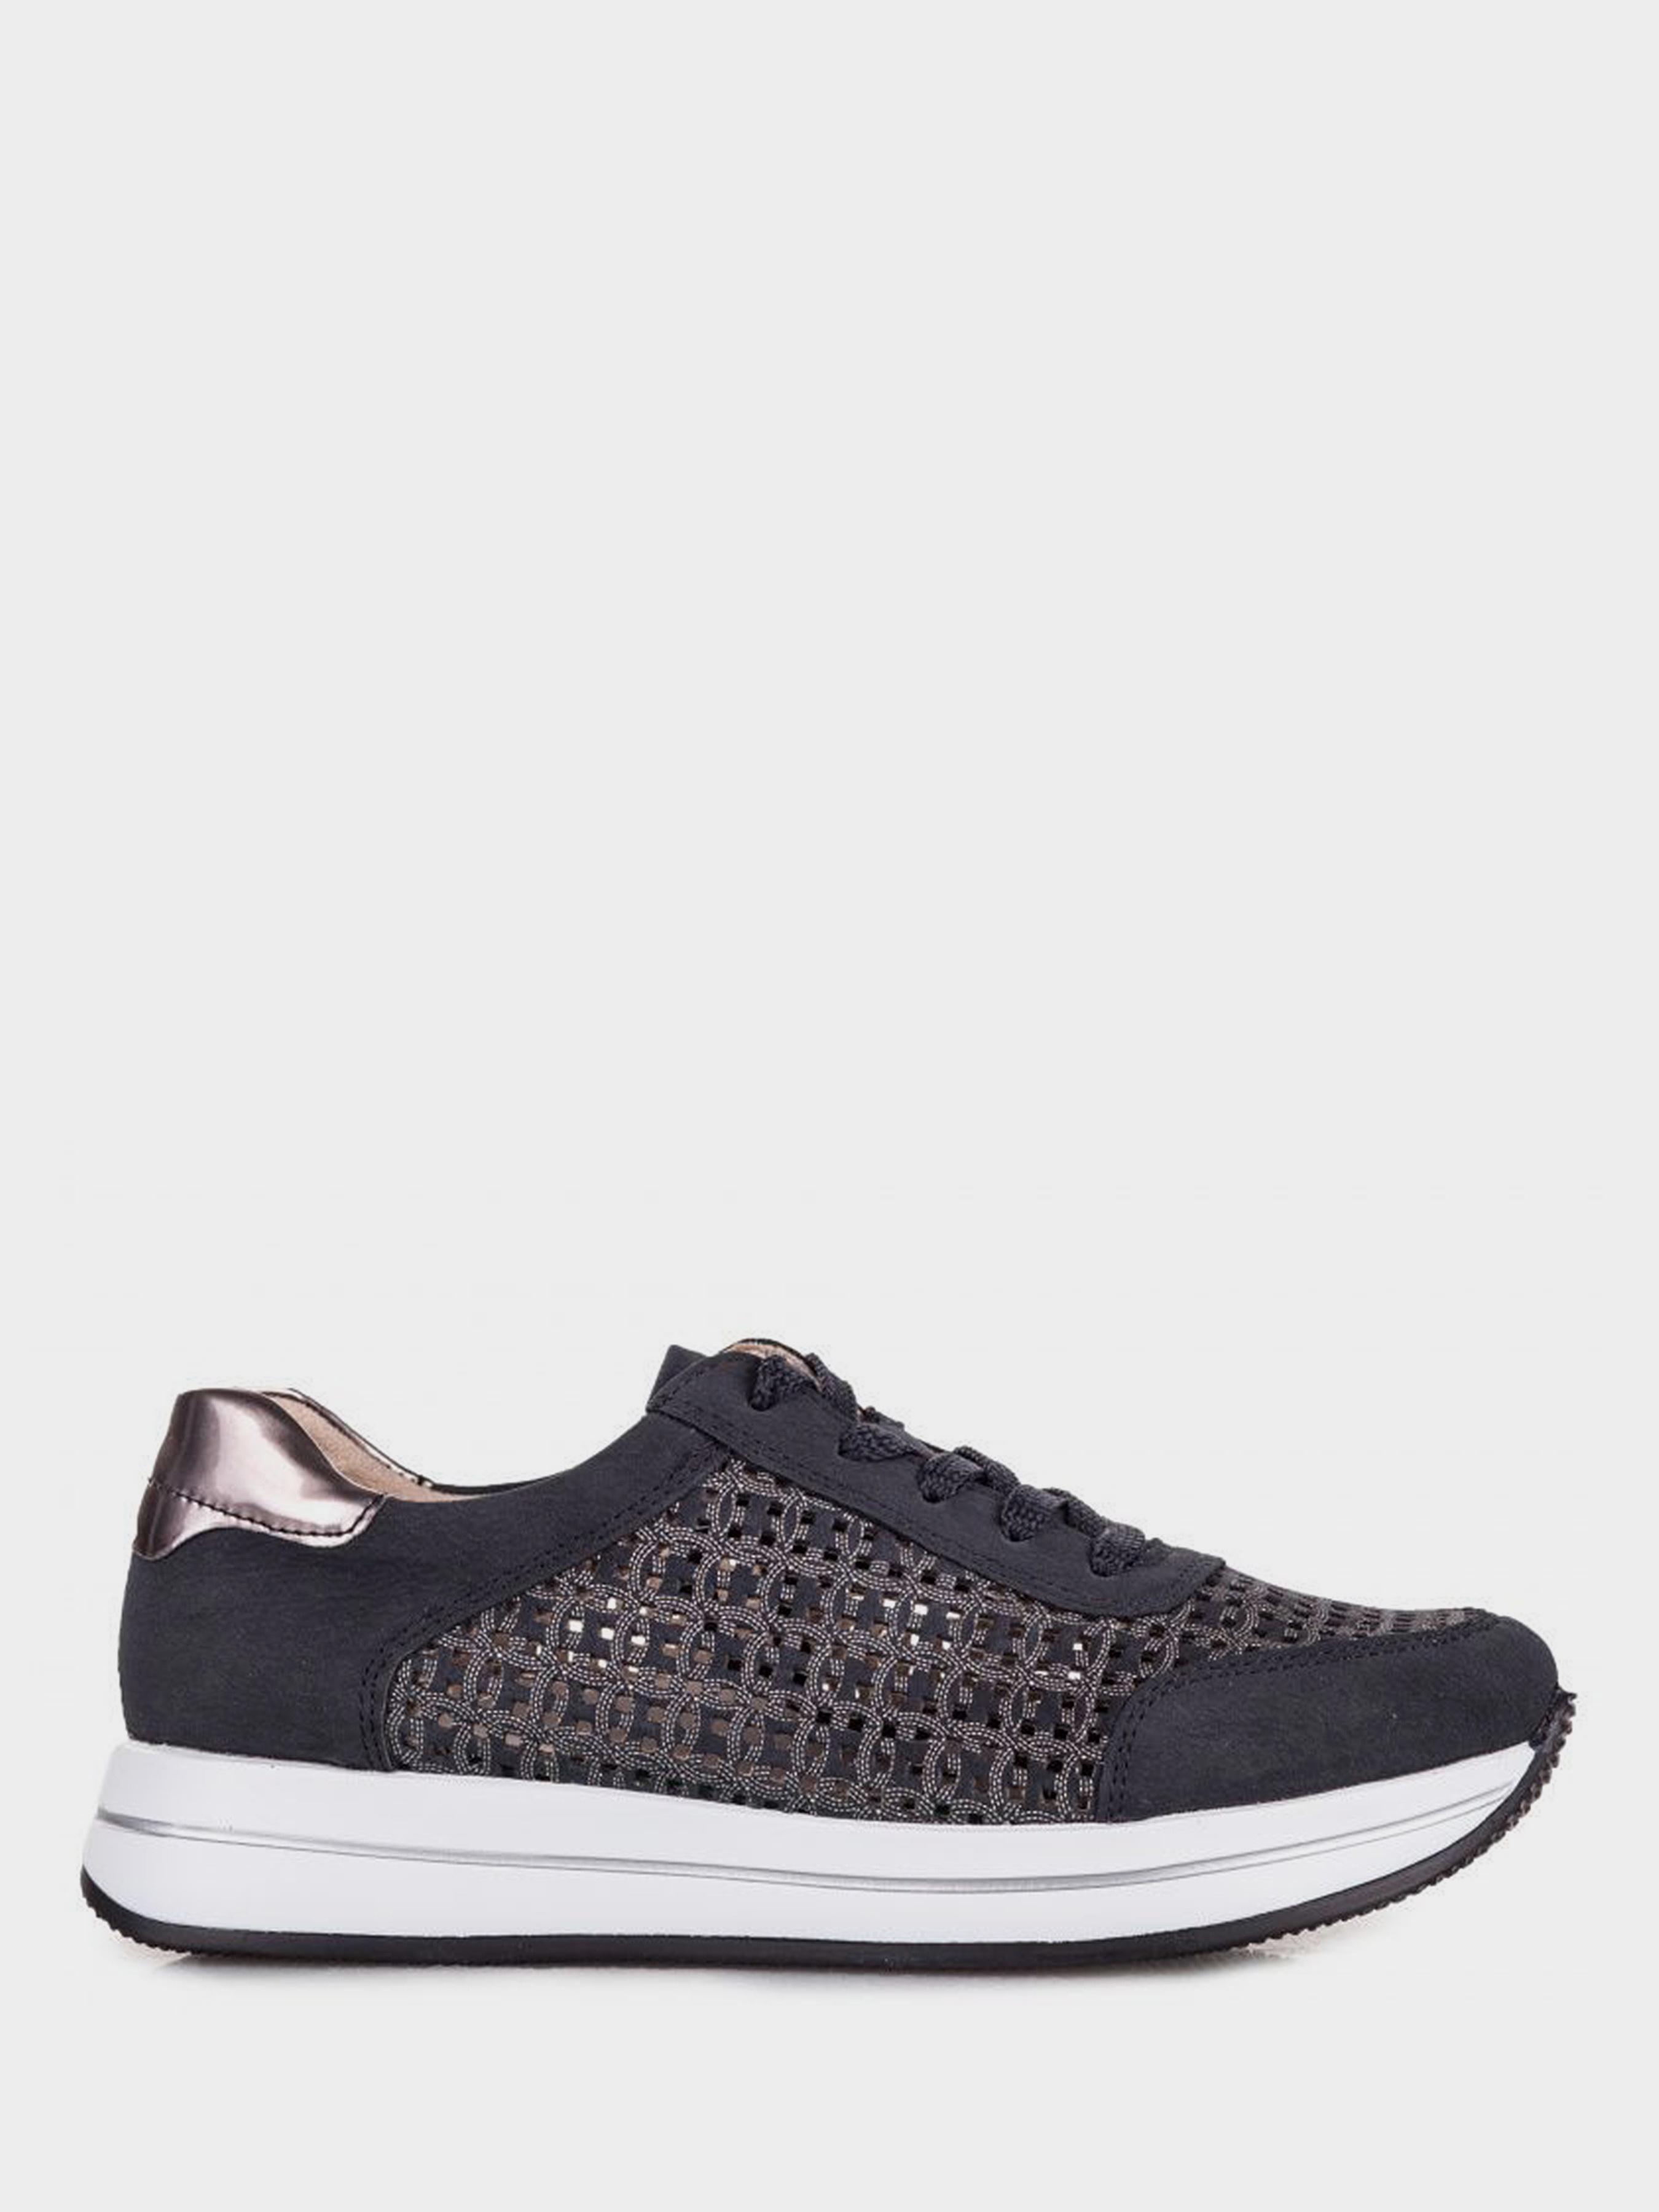 Кроссовки для женщин Remonte RD35 размерная сетка обуви, 2017